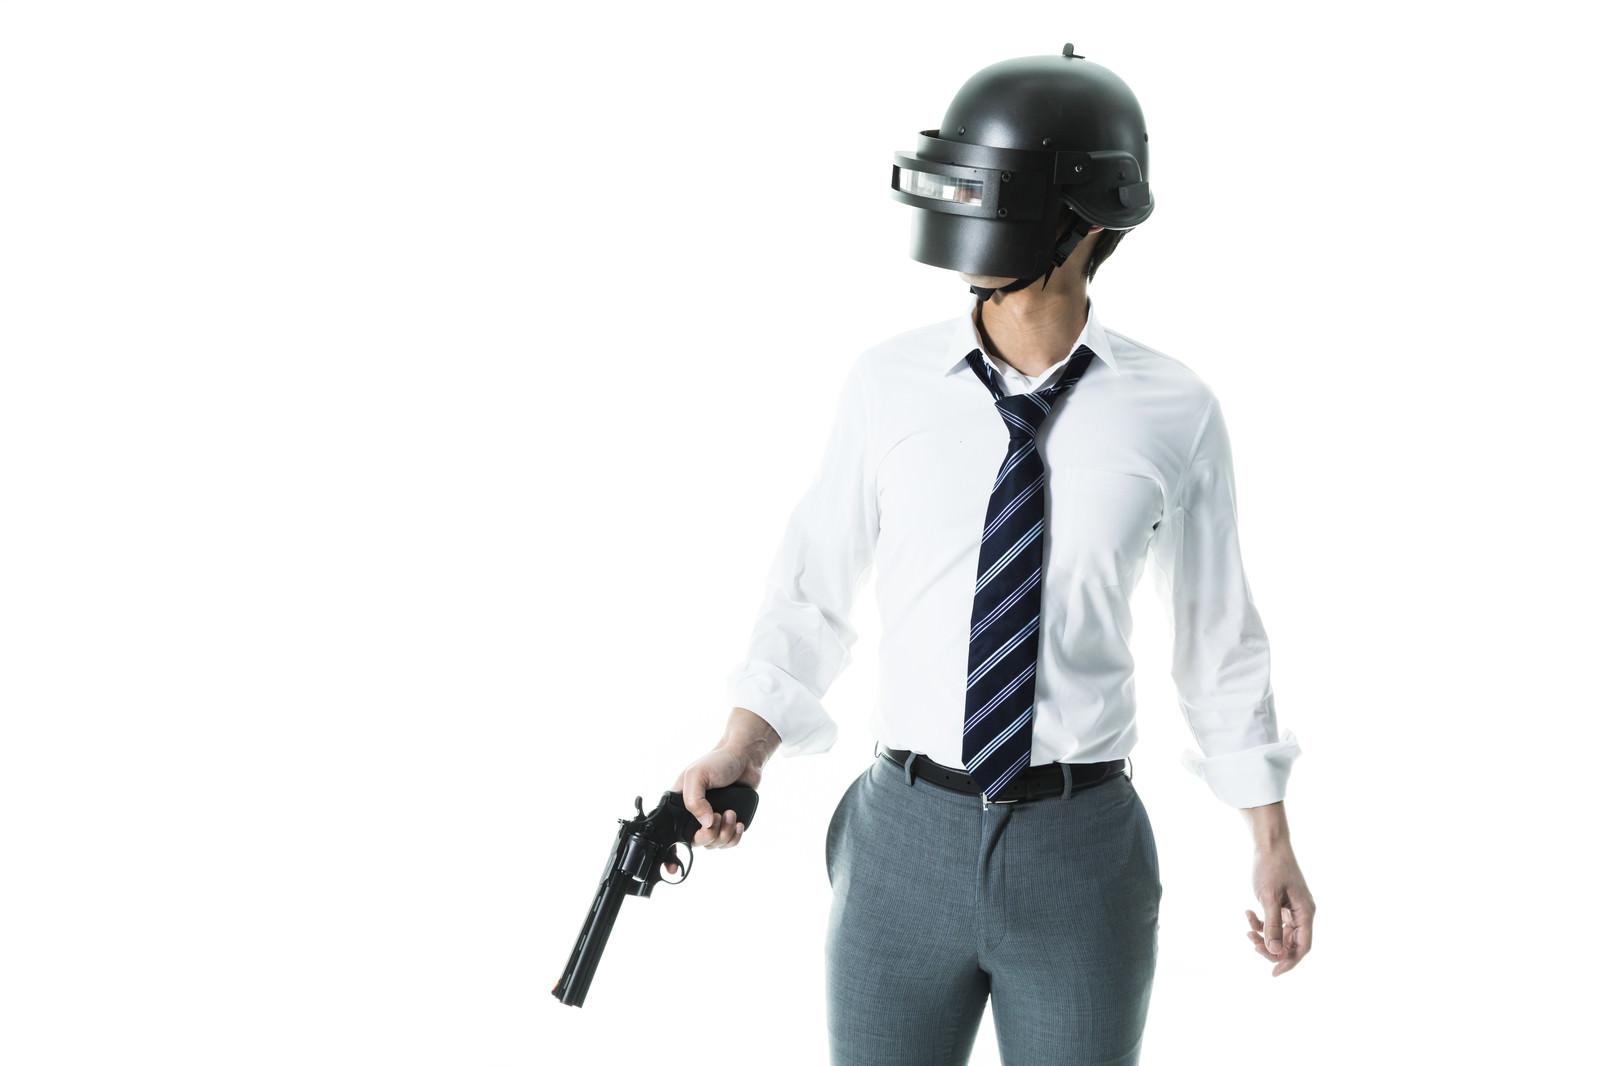 「拳銃ひとつでドン勝した凄腕プレイヤー拳銃ひとつでドン勝した凄腕プレイヤー」[モデル:大川竜弥]のフリー写真素材を拡大